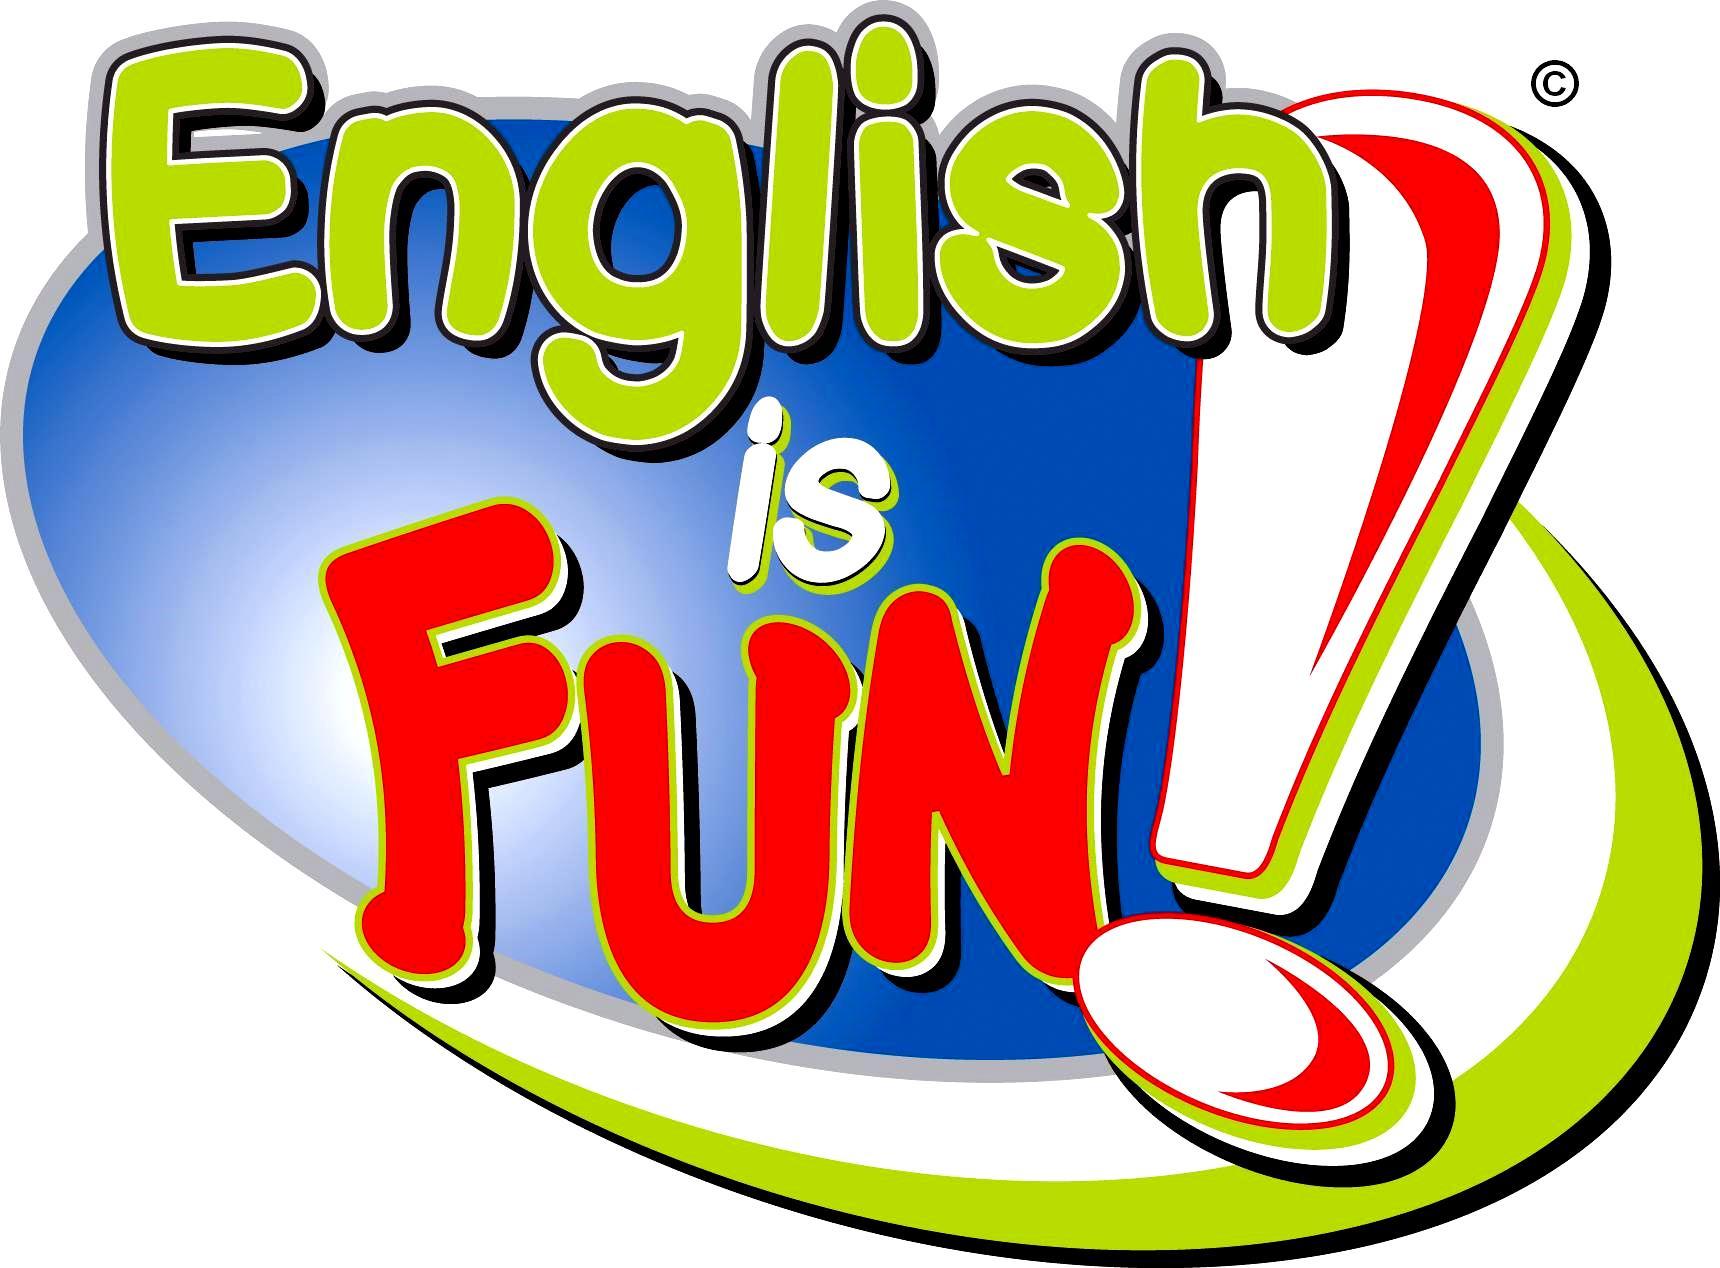 الكورس العجيب  تعلم اساسيات اللغة الانجليزية في ساعة فقط  Udemy مجاناَ 2016 English-subject-images-logo-eif-final-web1-cr